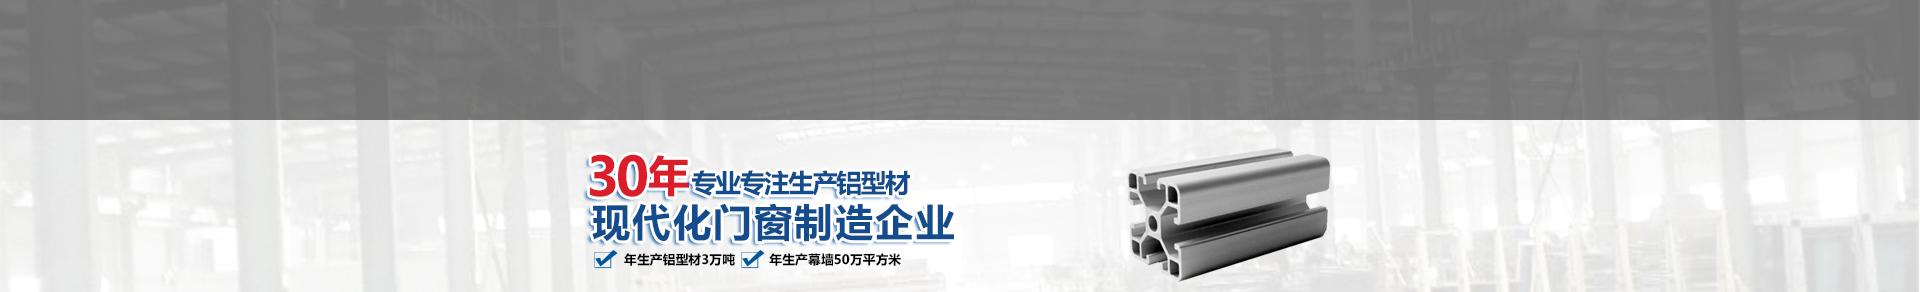 http://www.dongyang-alu.com/data/images/slide/20201014154923_712.jpg